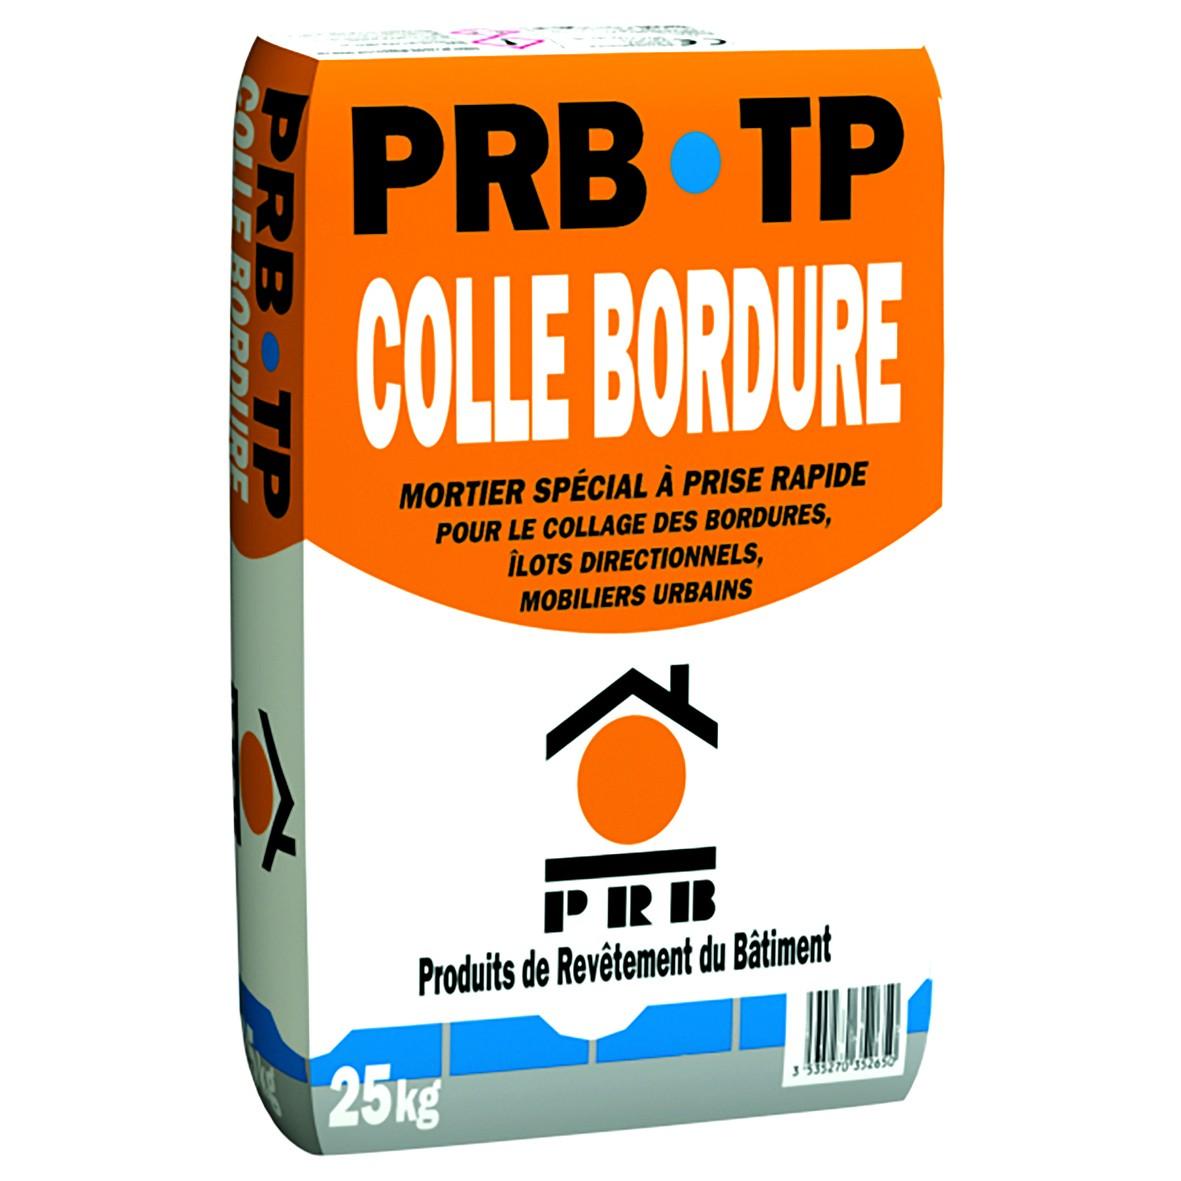 PRB TP COLLE BORDURE